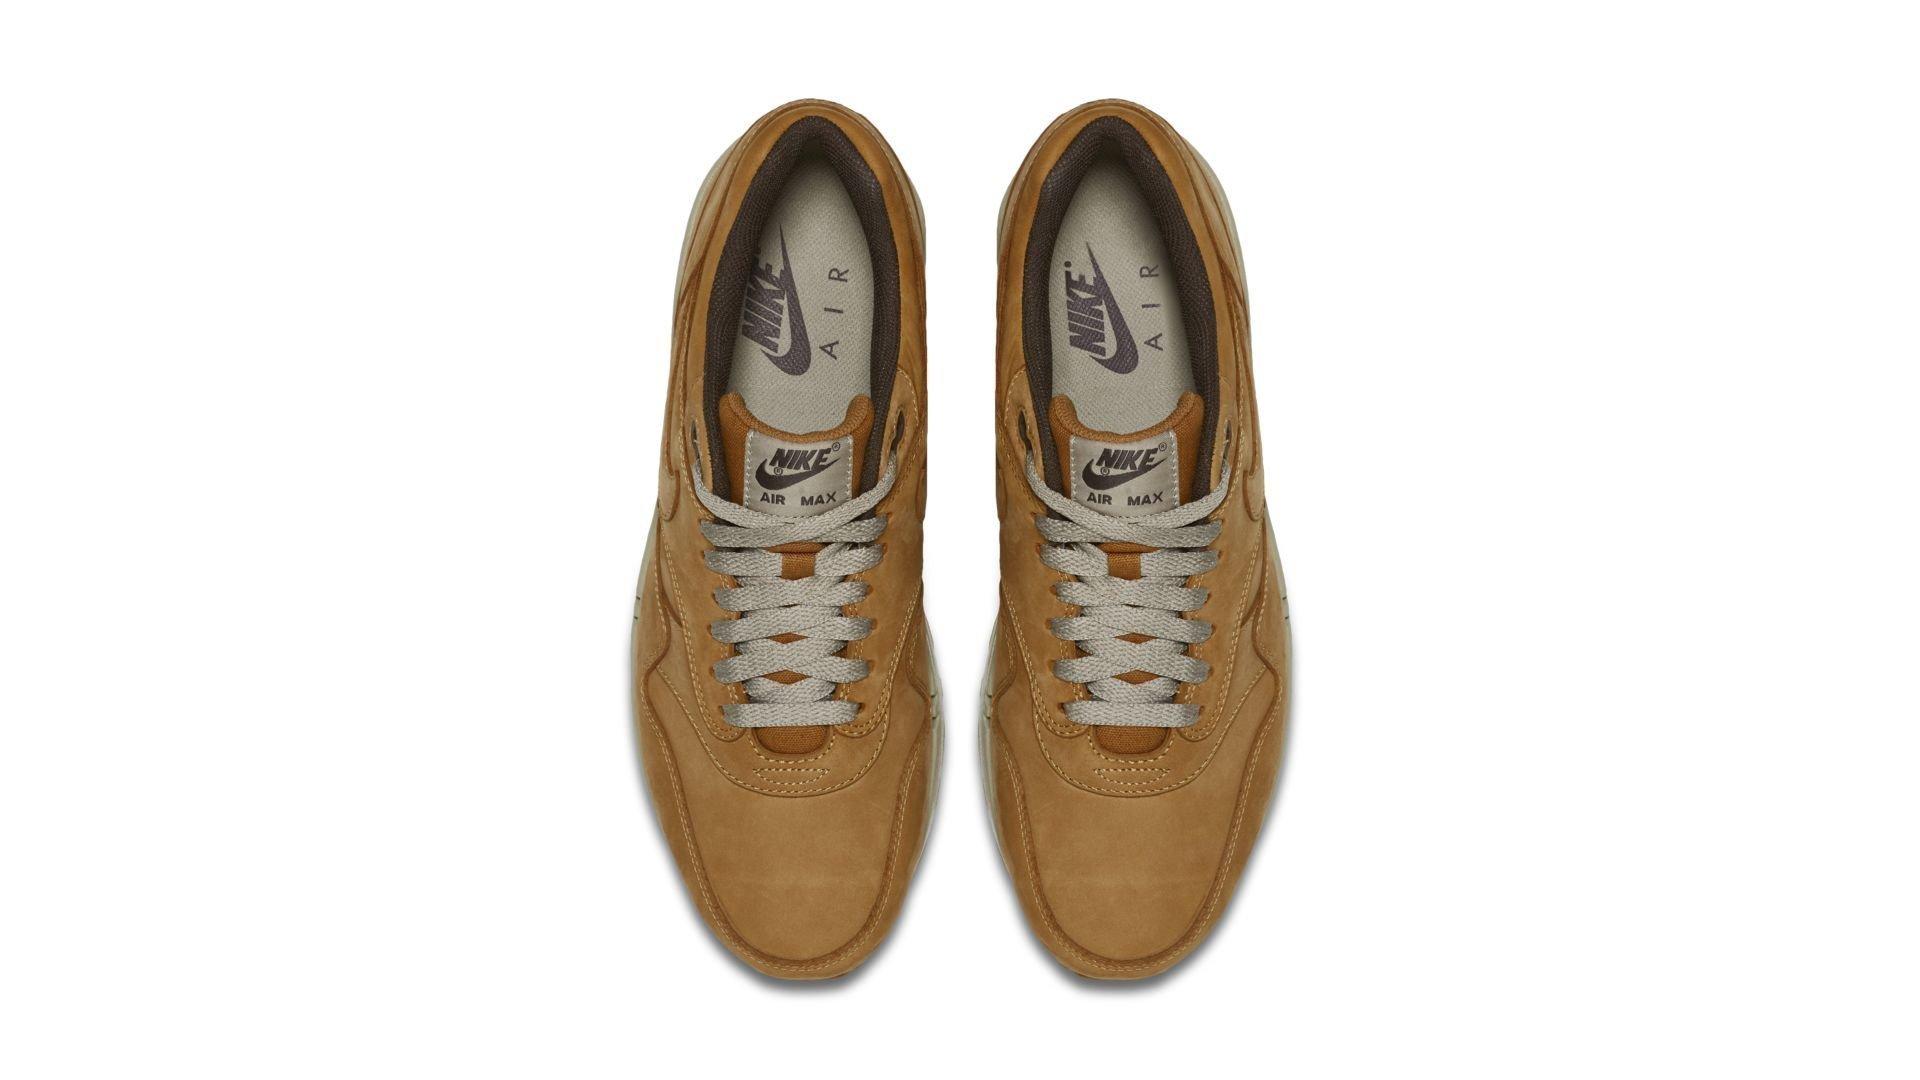 Nike Air Max 1 Wheat Pack (2015) (705282-700)